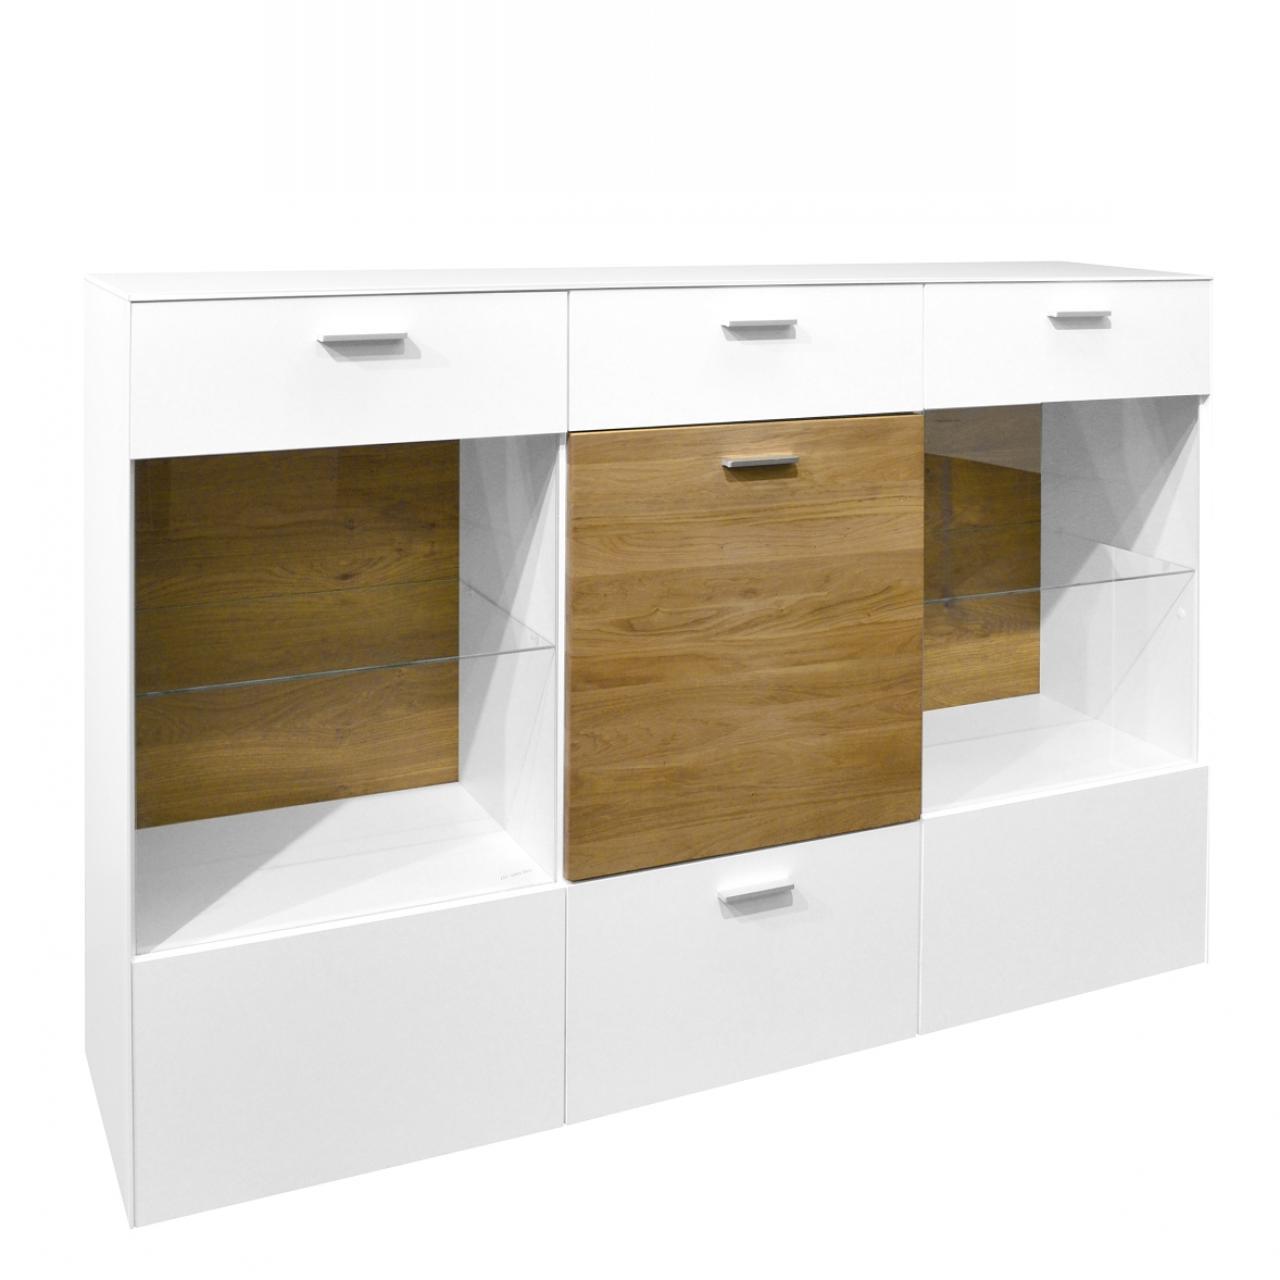 kommode arizona kommoden wohnzimmerm bel wohnen m bel j hnichen center gmbh. Black Bedroom Furniture Sets. Home Design Ideas